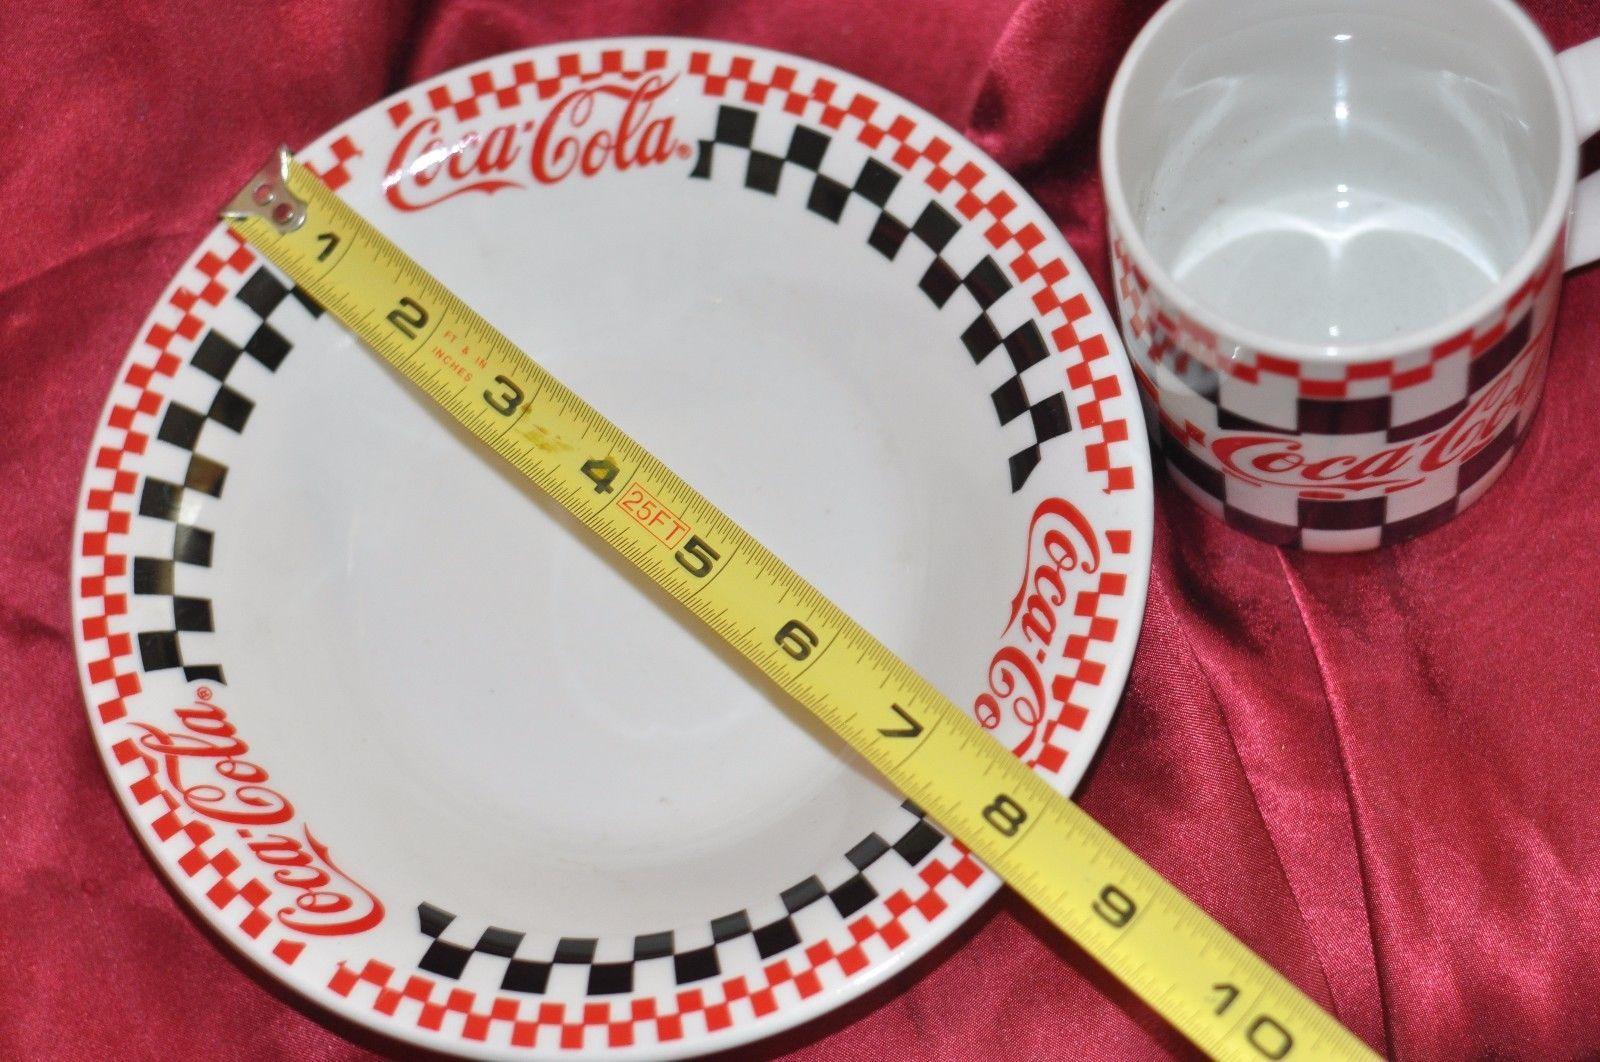 Coca-Cola Soup bowl and Big Mug Matching Set 1999 Gibson